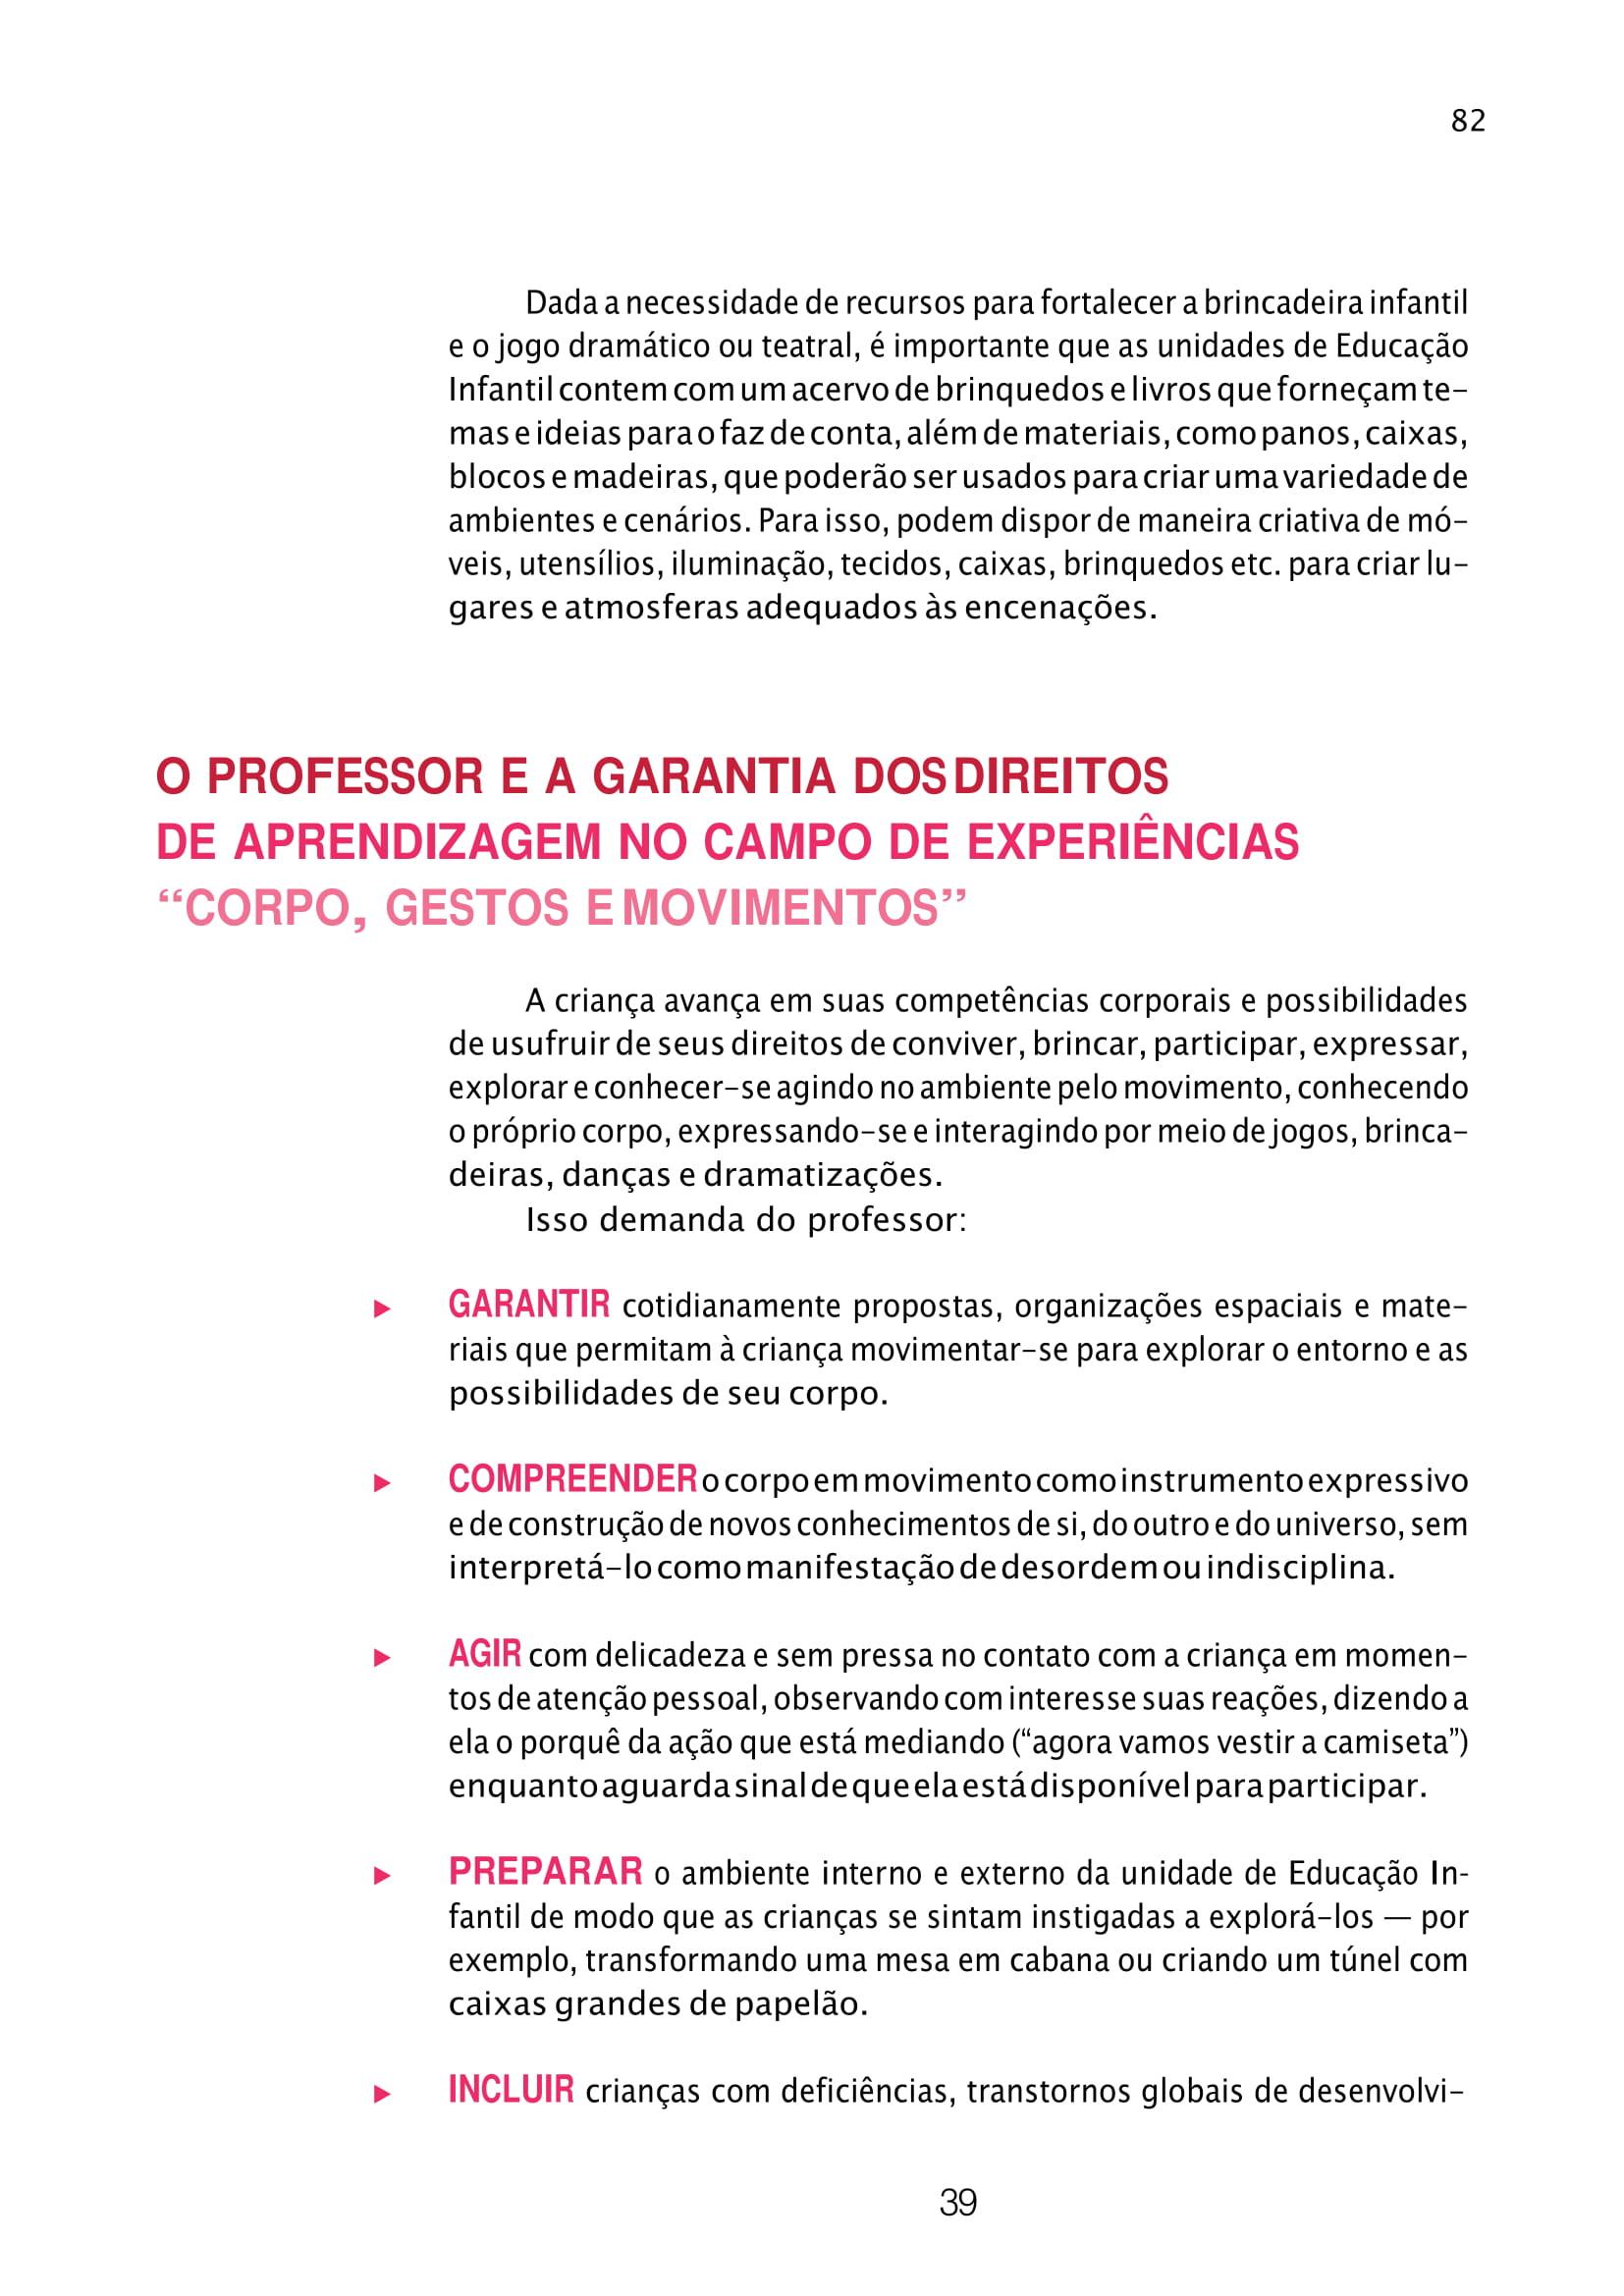 planejamento-educação-infantil-bncc-geral-112